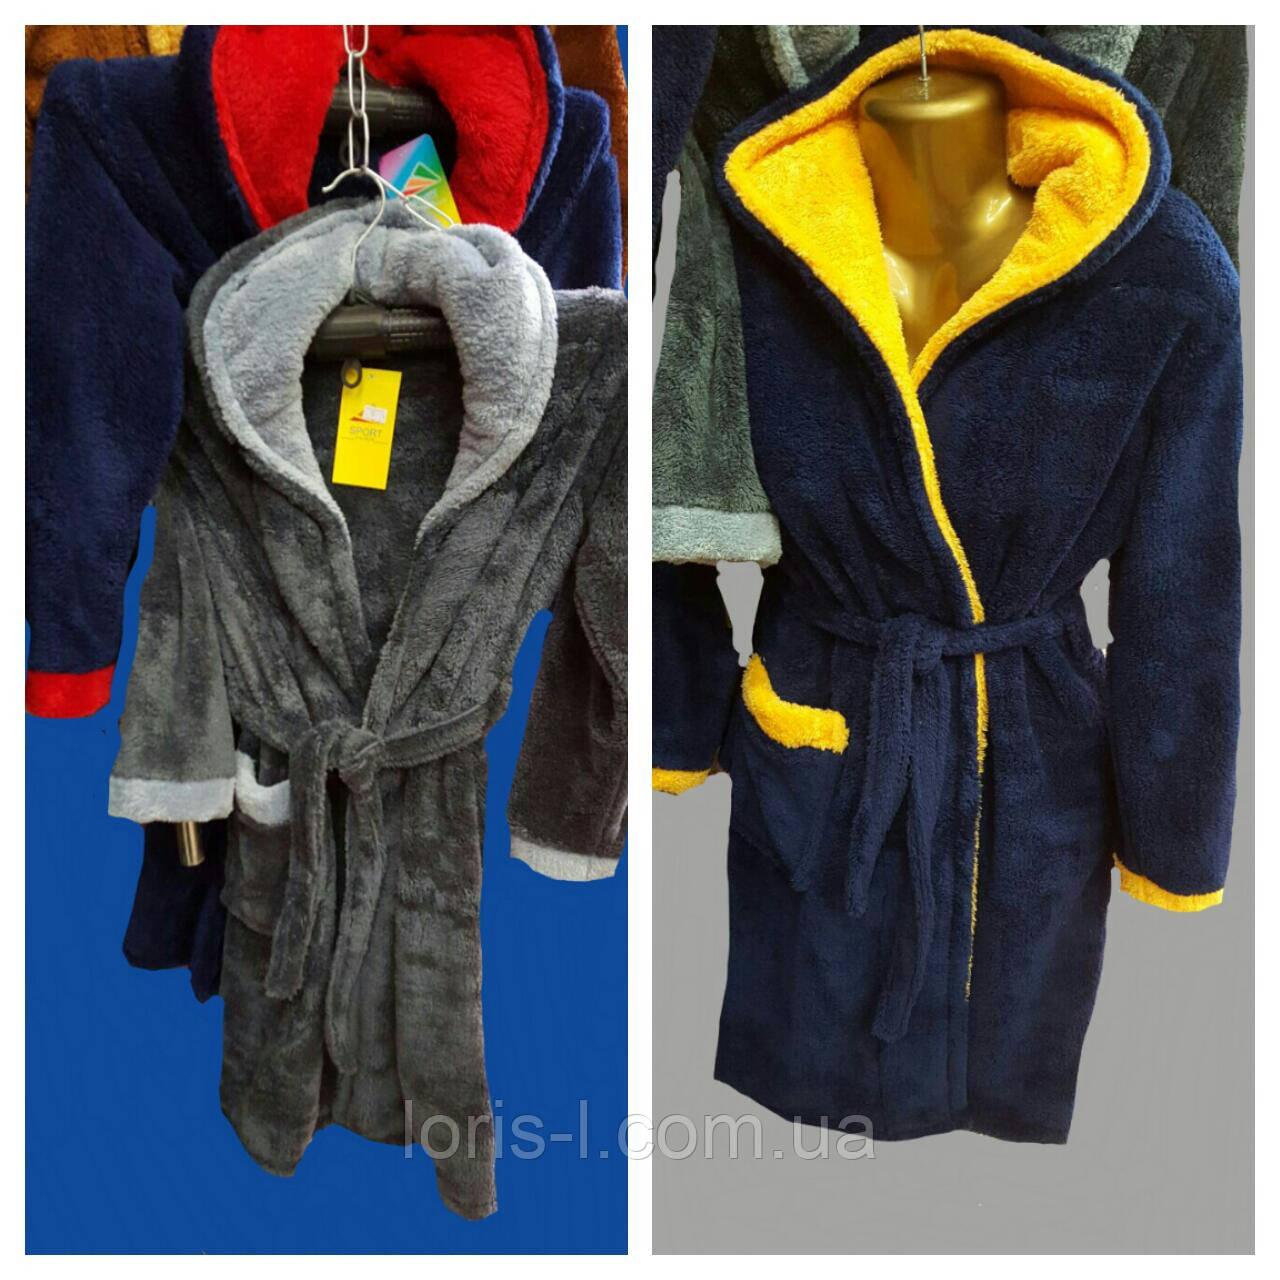 e2192c7c43d8 Махровые халаты для мальчиков Турция 8-10 лет, цена 442 грн., купить в  Харькове — Prom.ua (ID#557575418)